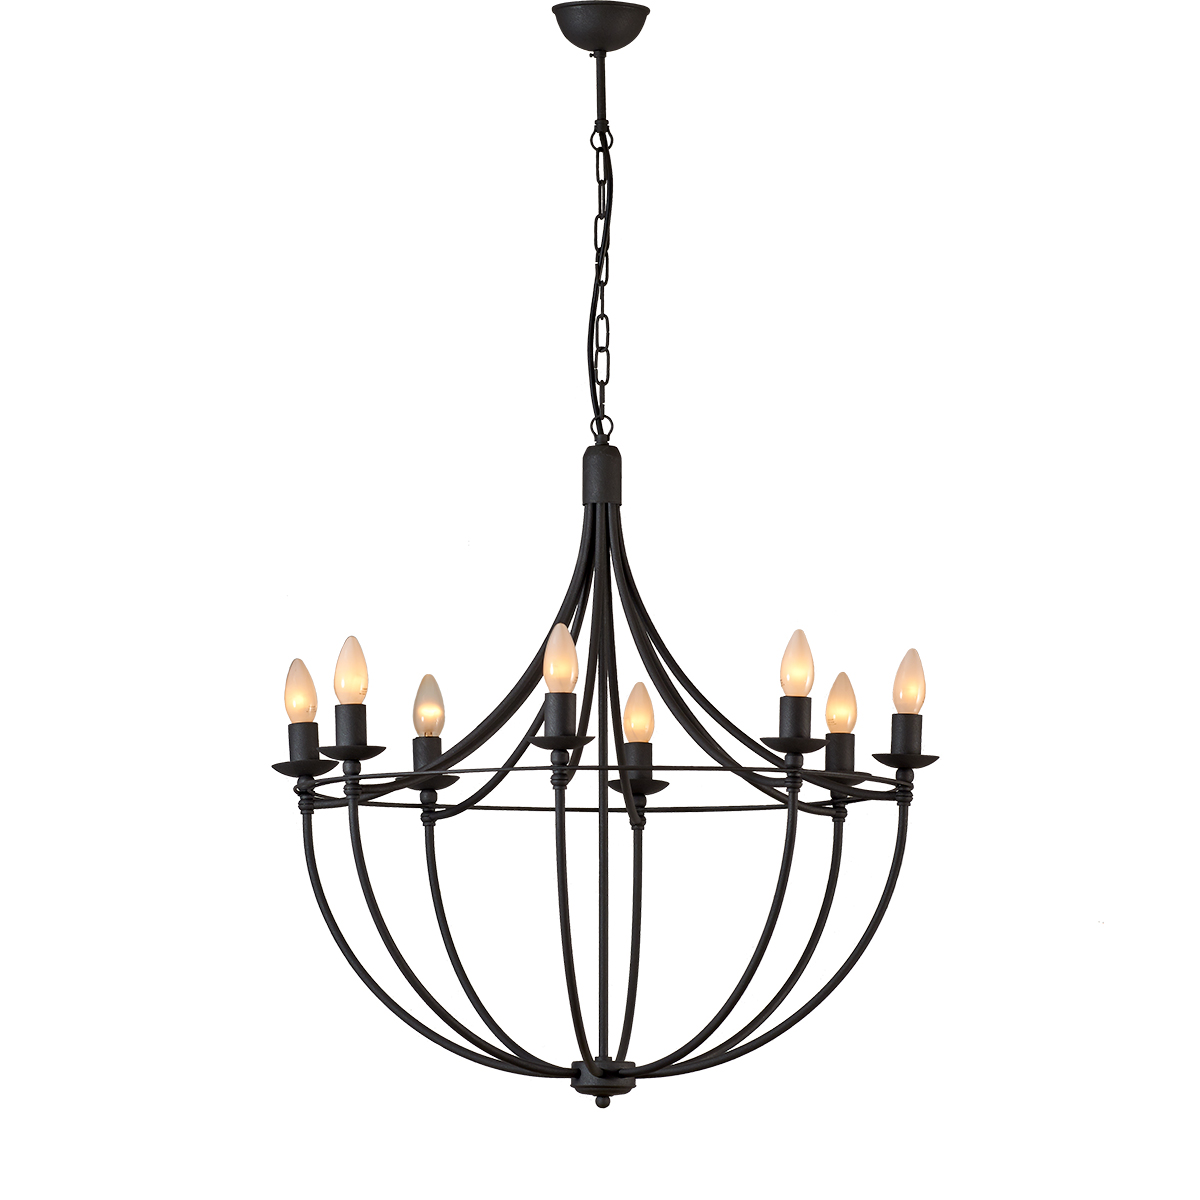 Παραδοσιακό 8φωτο φωτιστικό σε πατίνα γραφίτη VILLAGE graphite patinated rustic 8-bulb chandelier